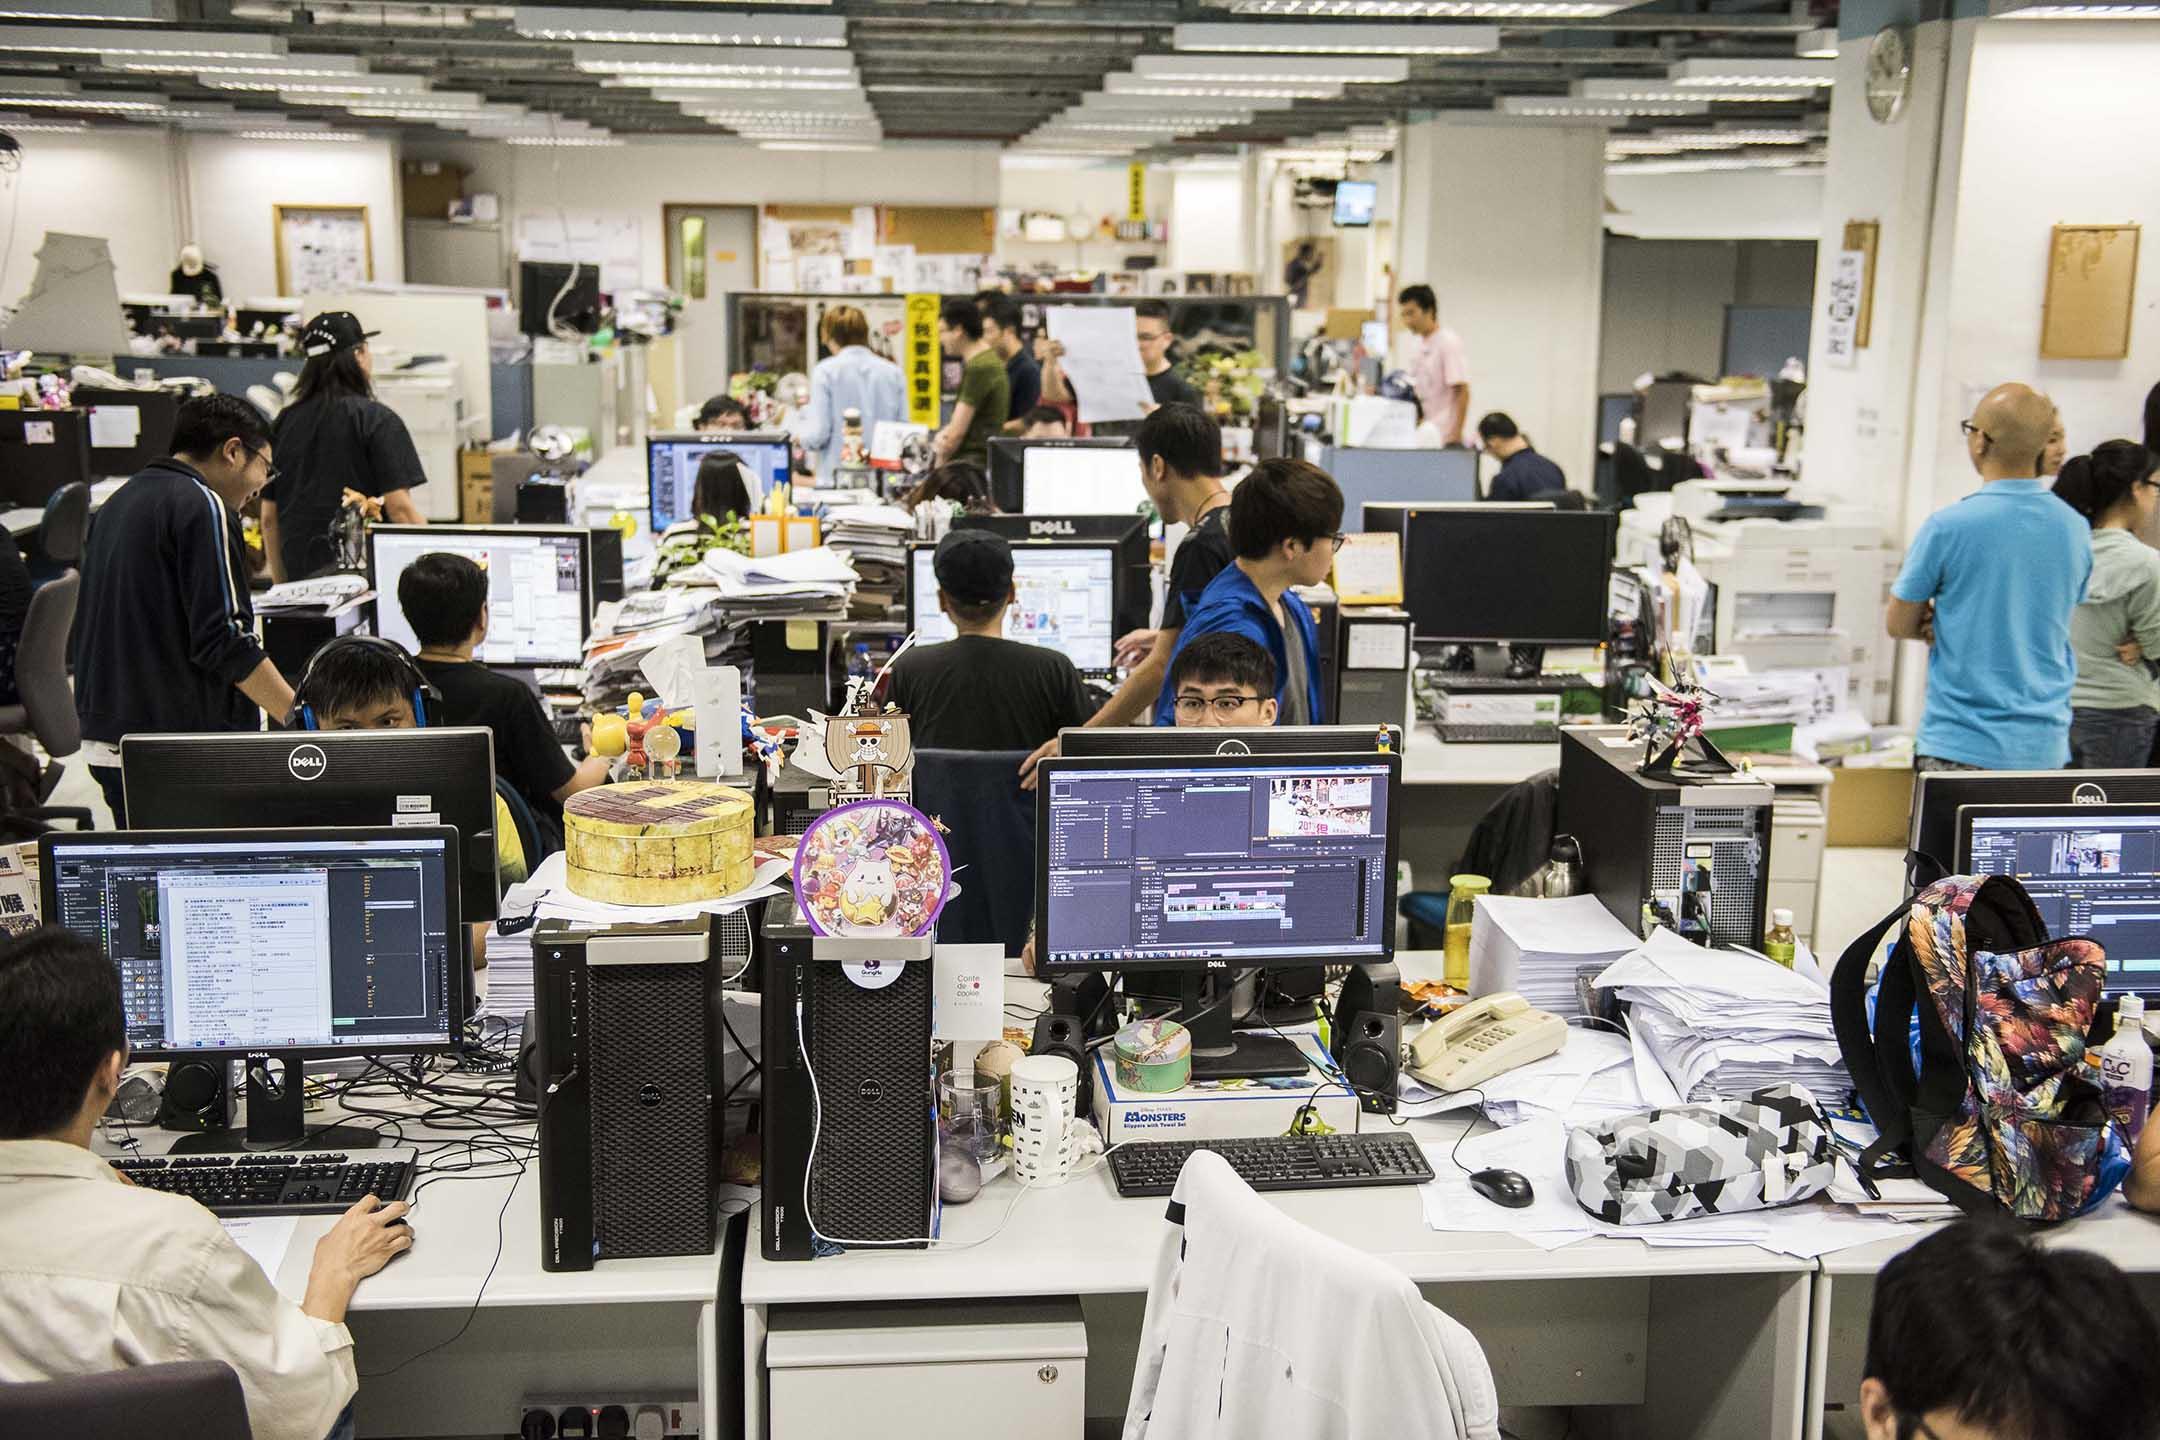 2015年6月16日將軍澳,壹傳媒的員工於蘋果日報的編輯部工作。